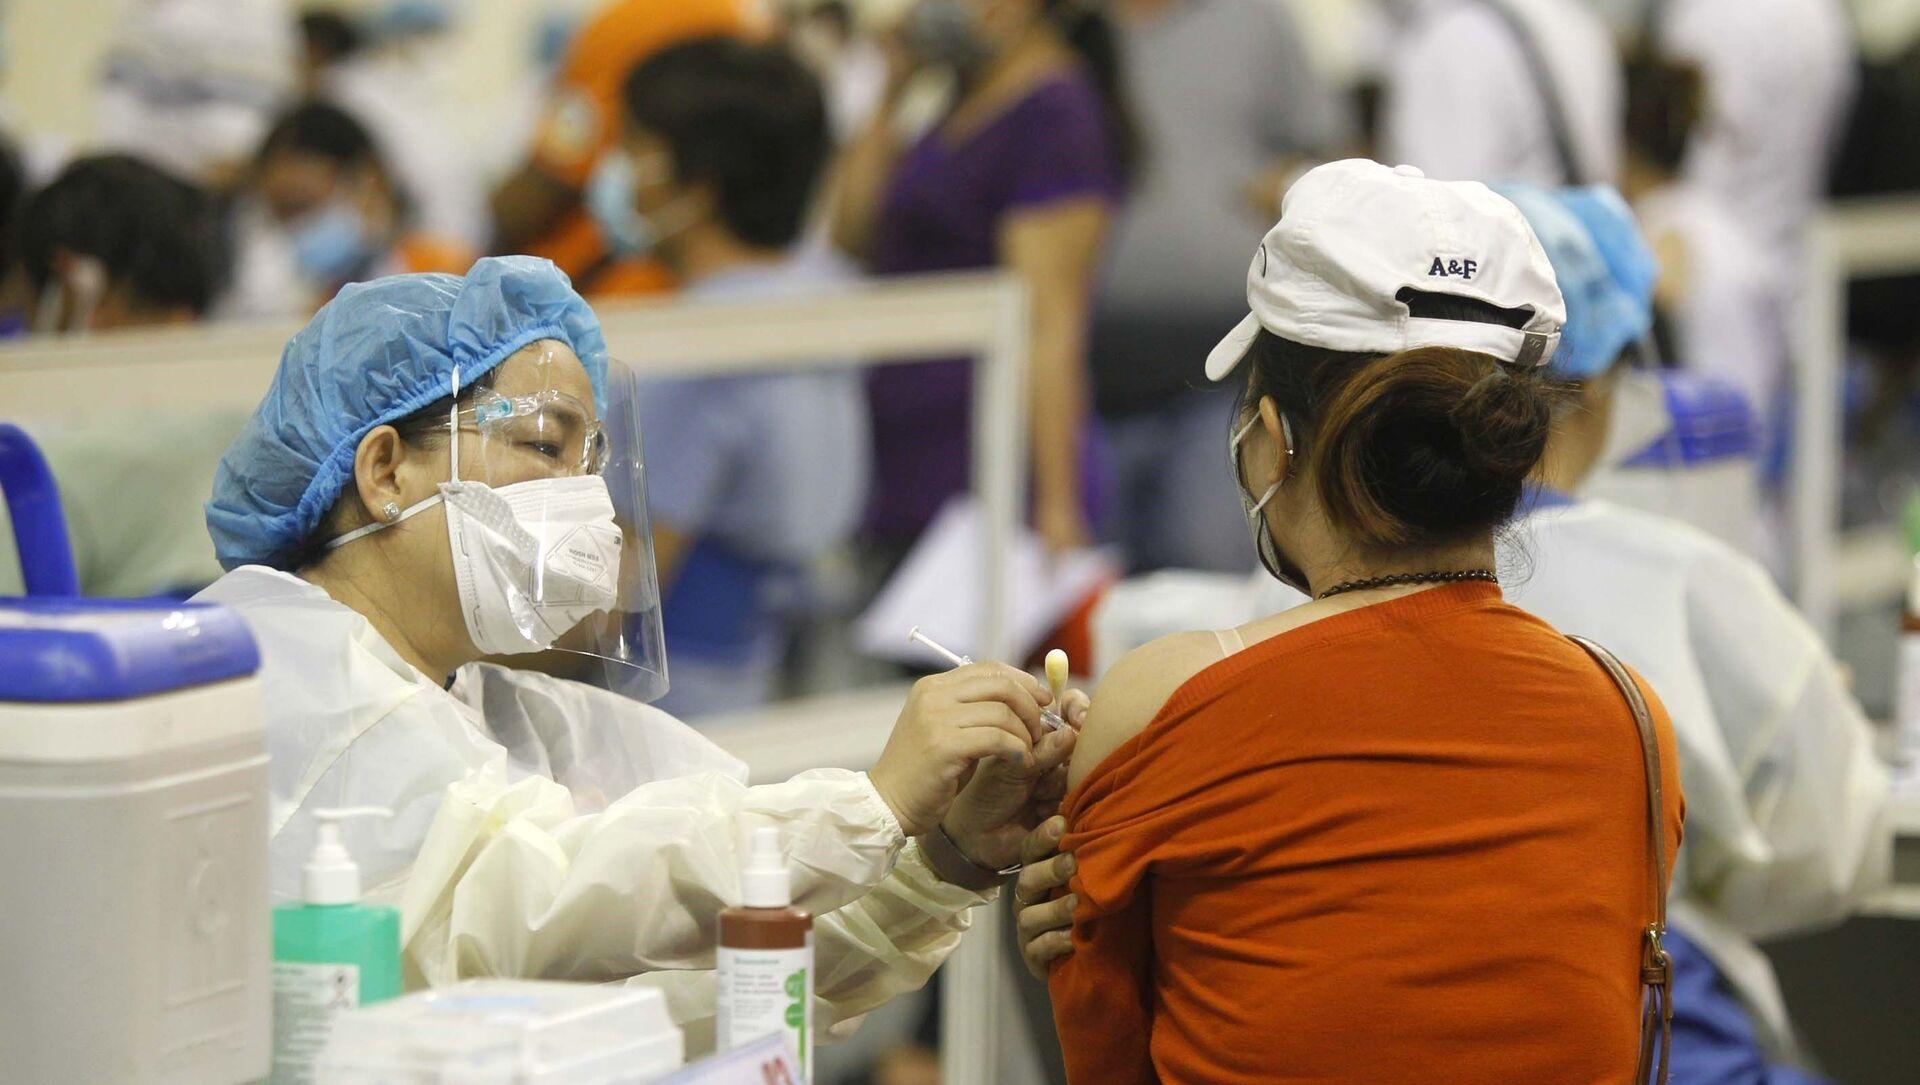 Người lao động Thành phố Hồ Chí Minh được tiêm vaccine phòng COVID-19. - Sputnik Việt Nam, 1920, 13.07.2021